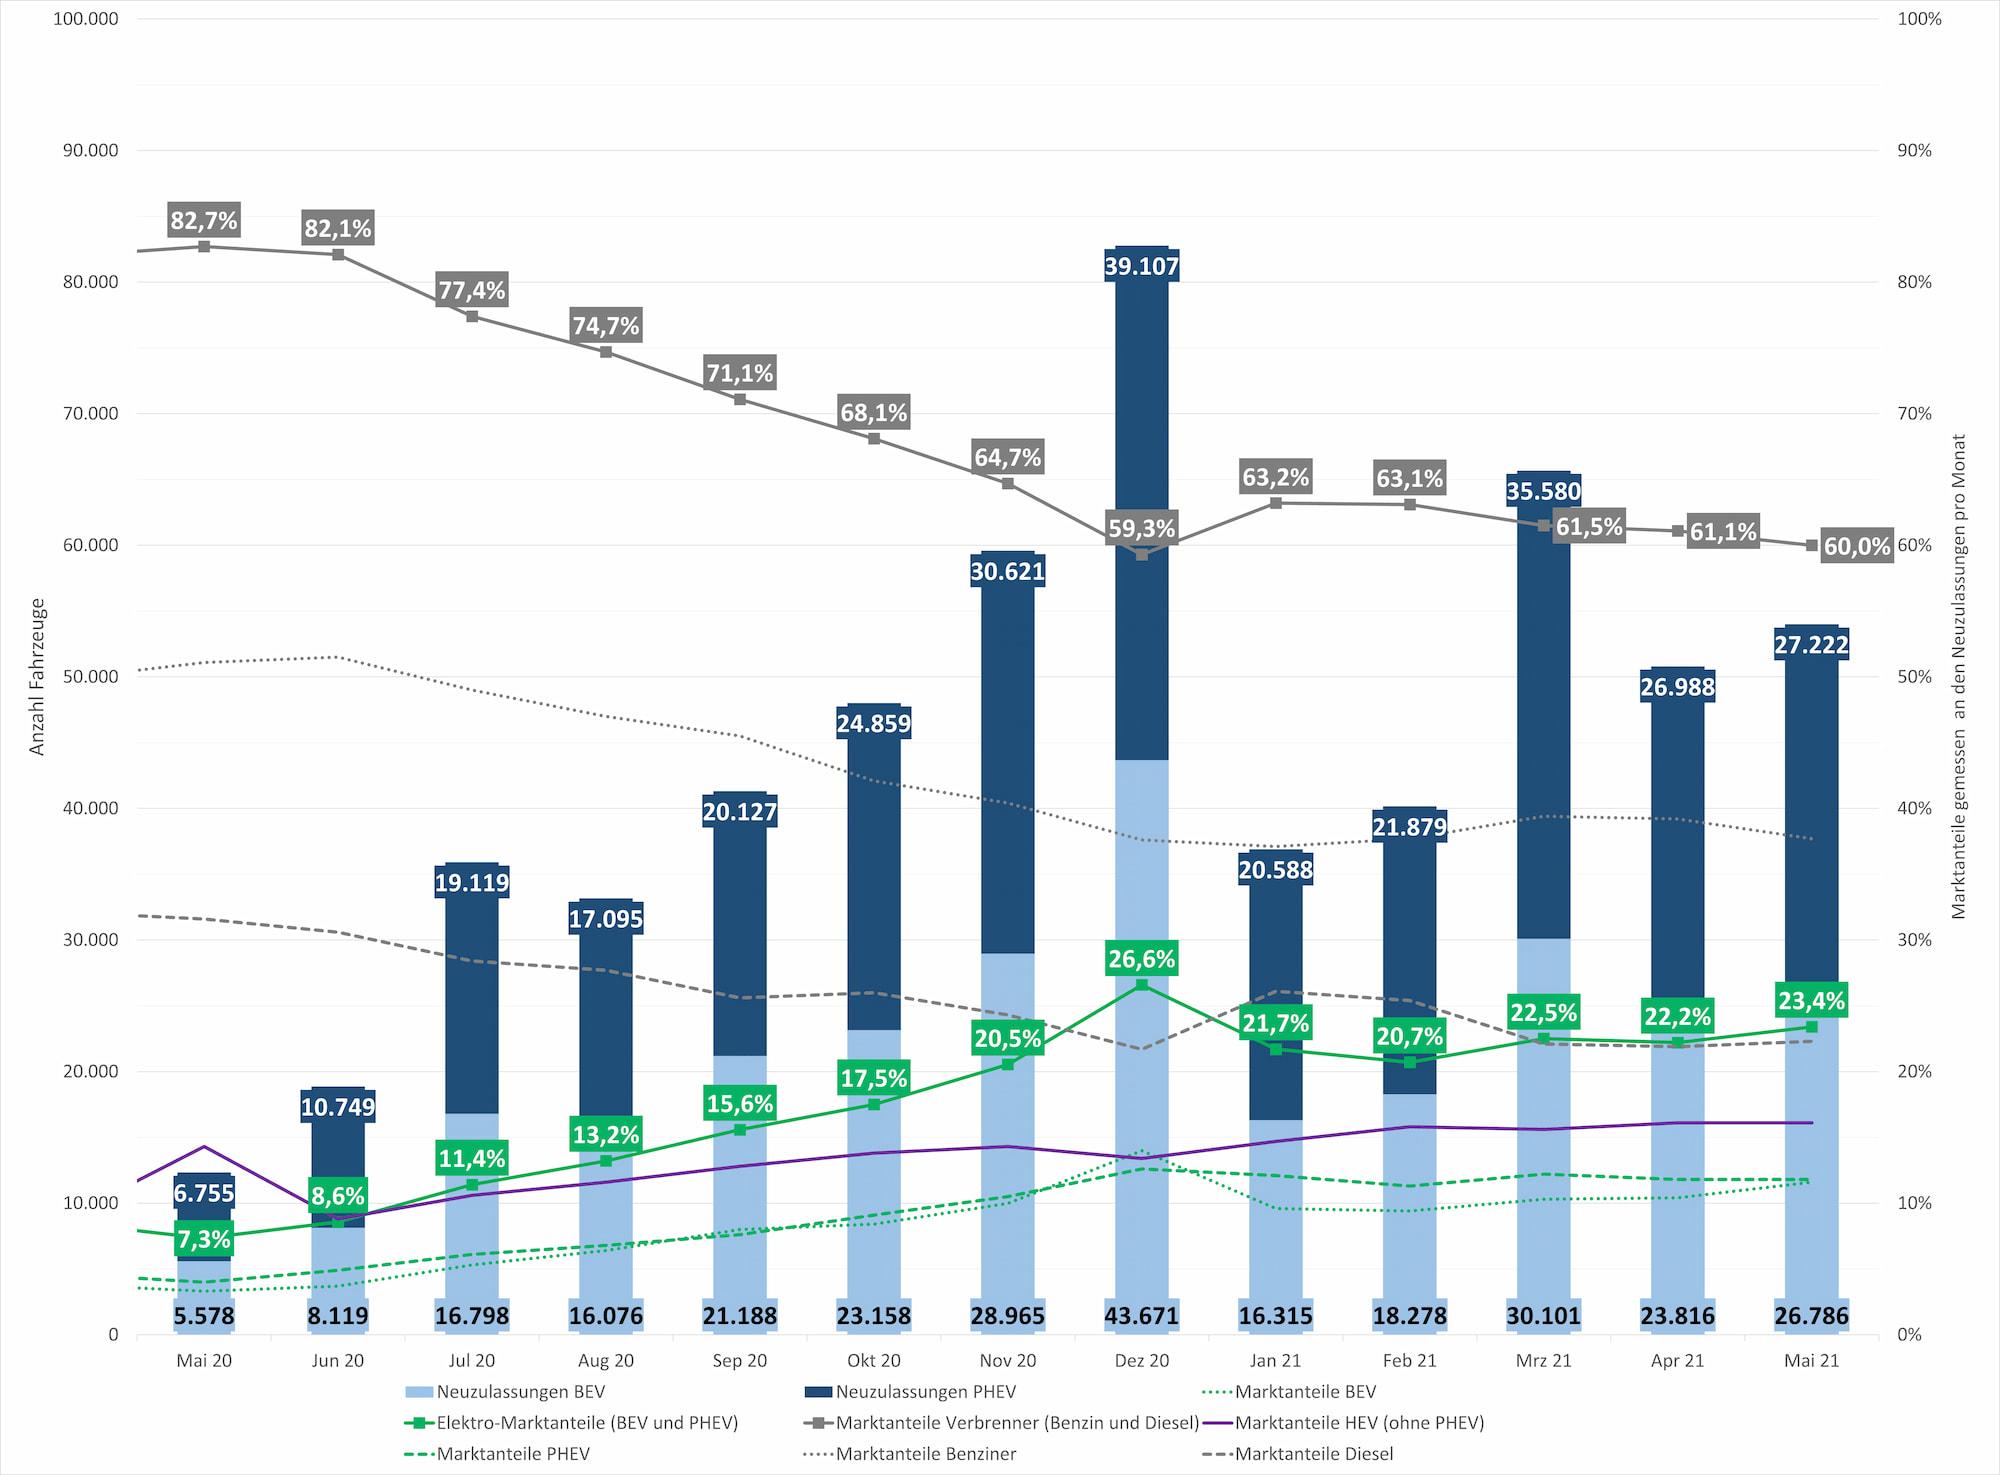 Neuzulassungszahlen der Elektromobilität in Deutschland